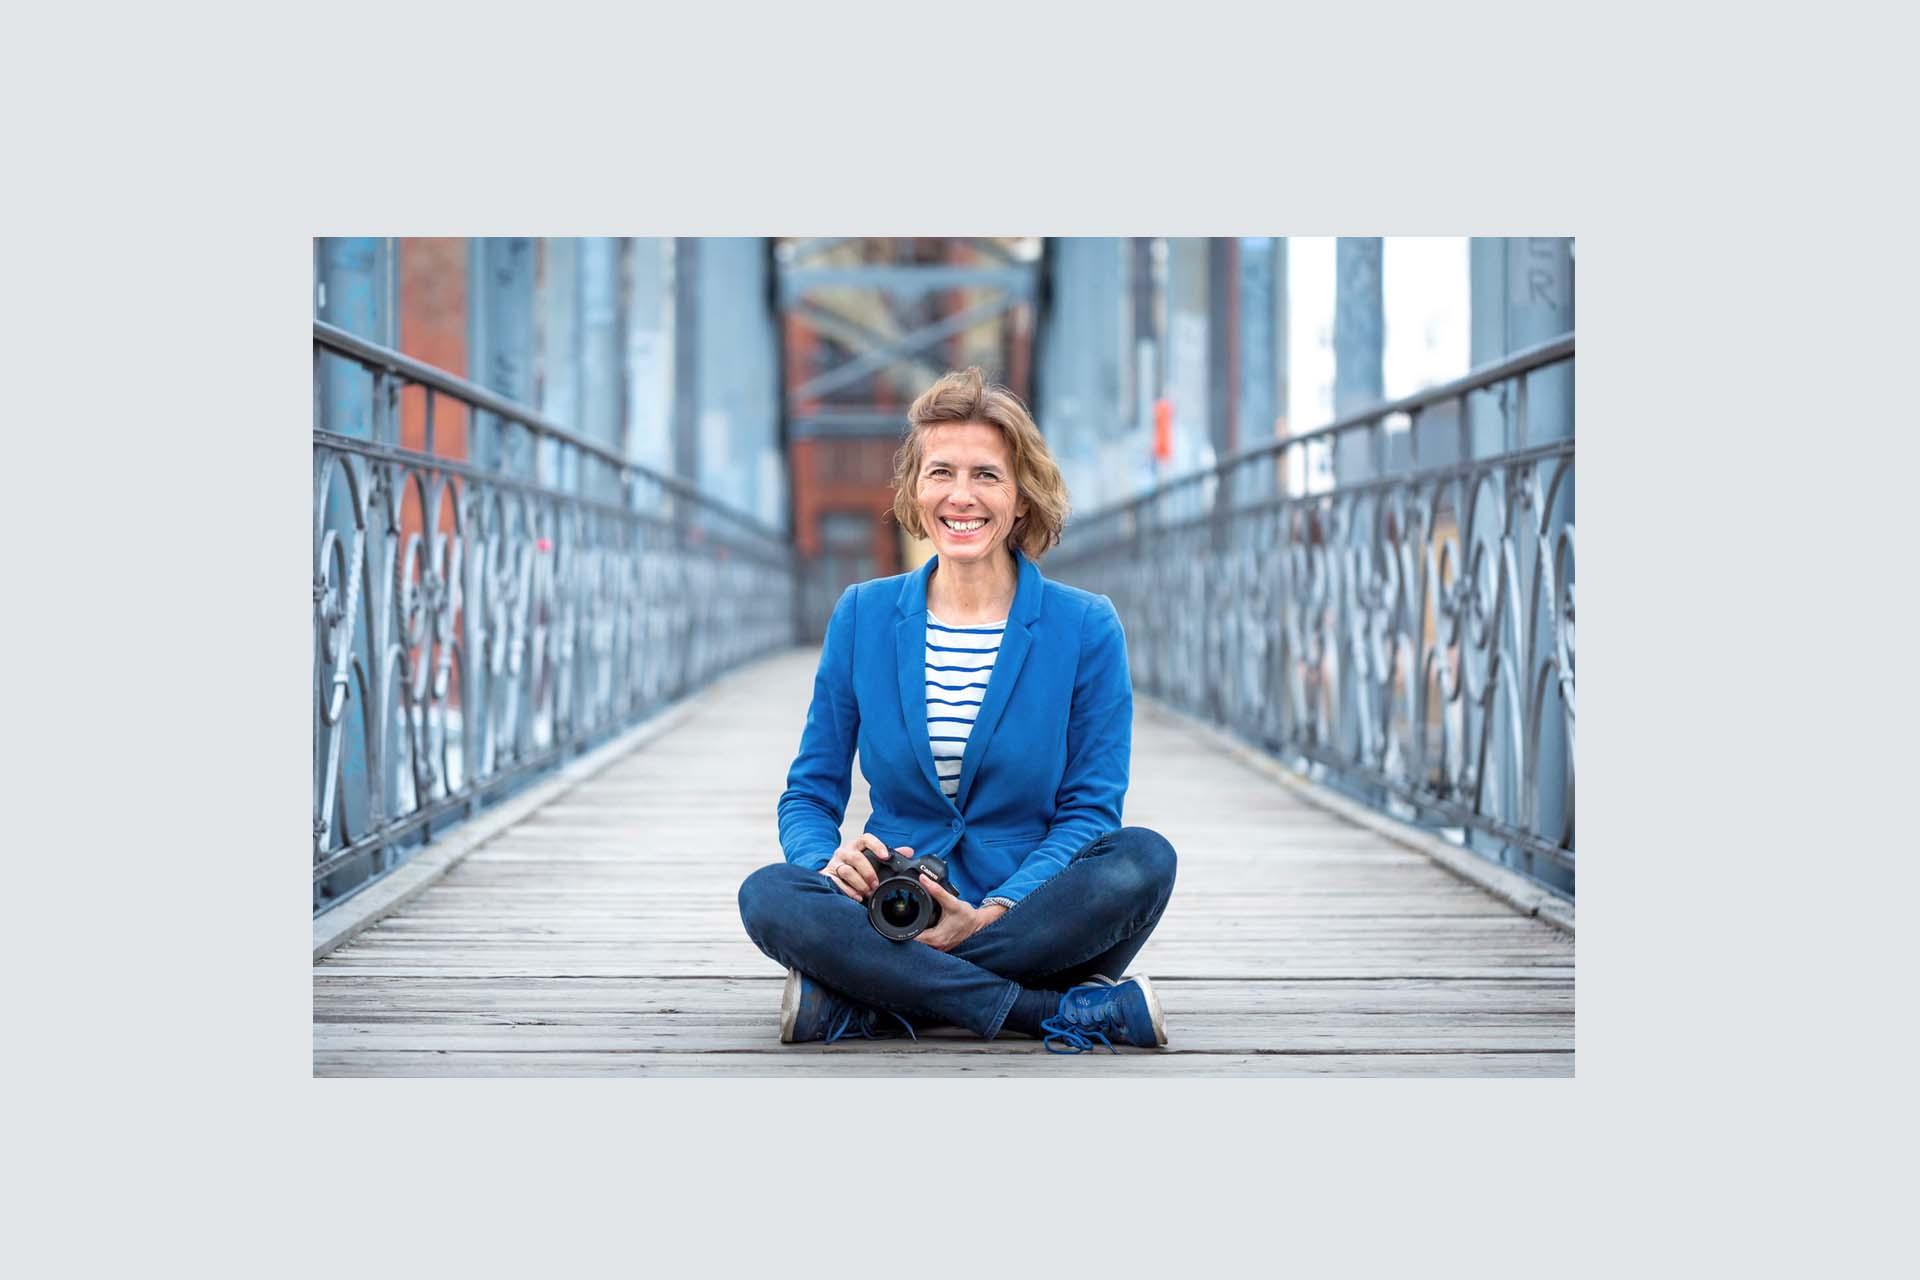 Businessfotografin Berlin Portrait auf der Brücke